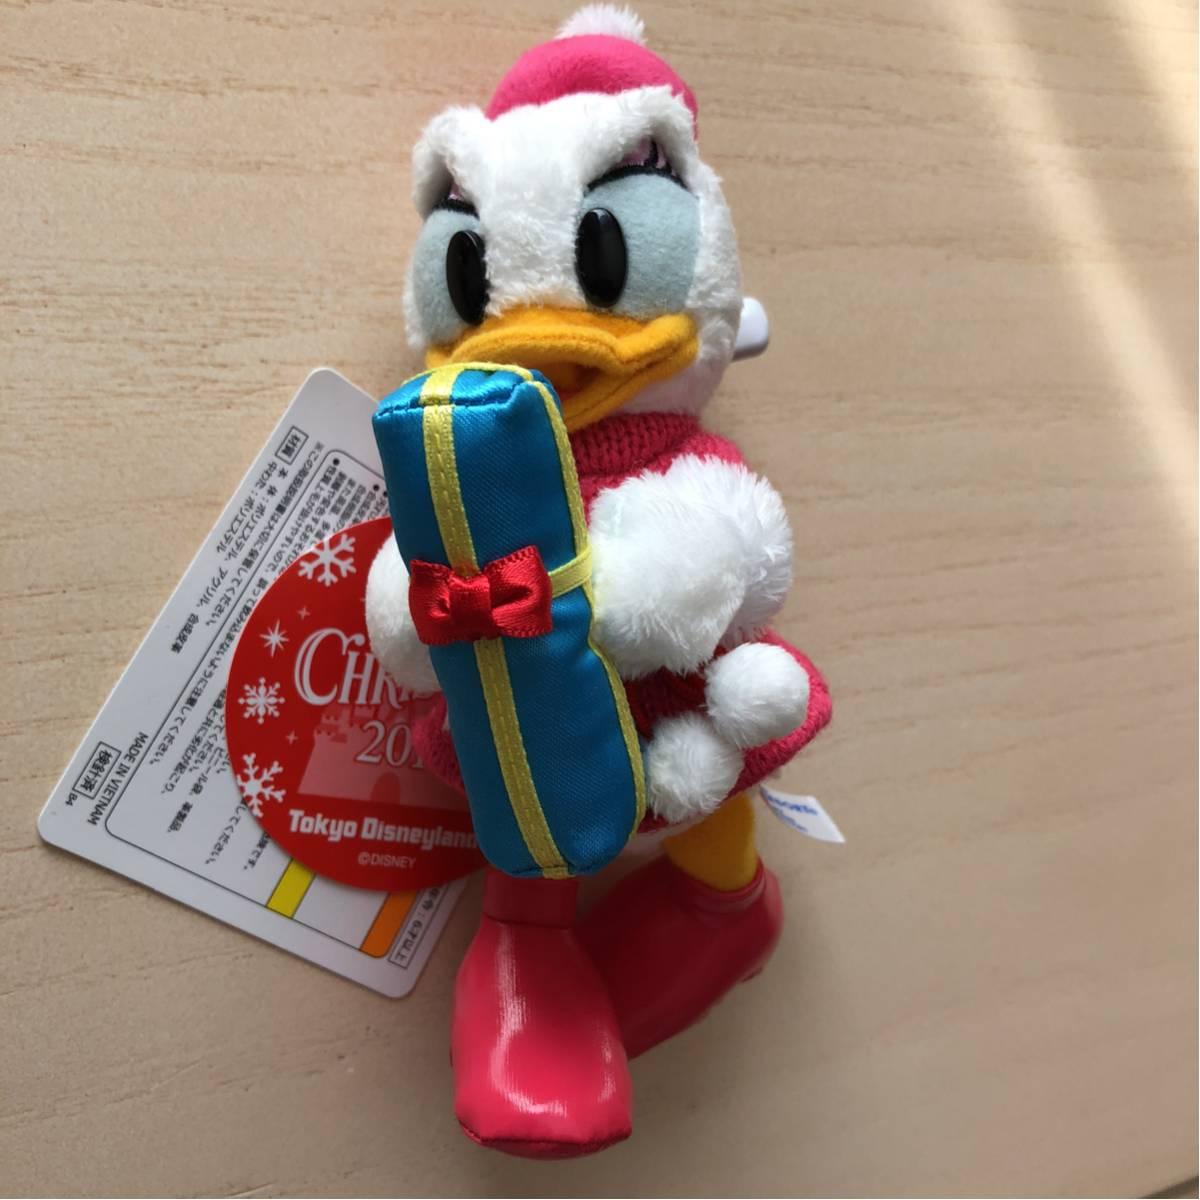 TDL ディズニー クリスマス2017 デイジー ぬいぐるみバッチ ディズニーグッズの画像